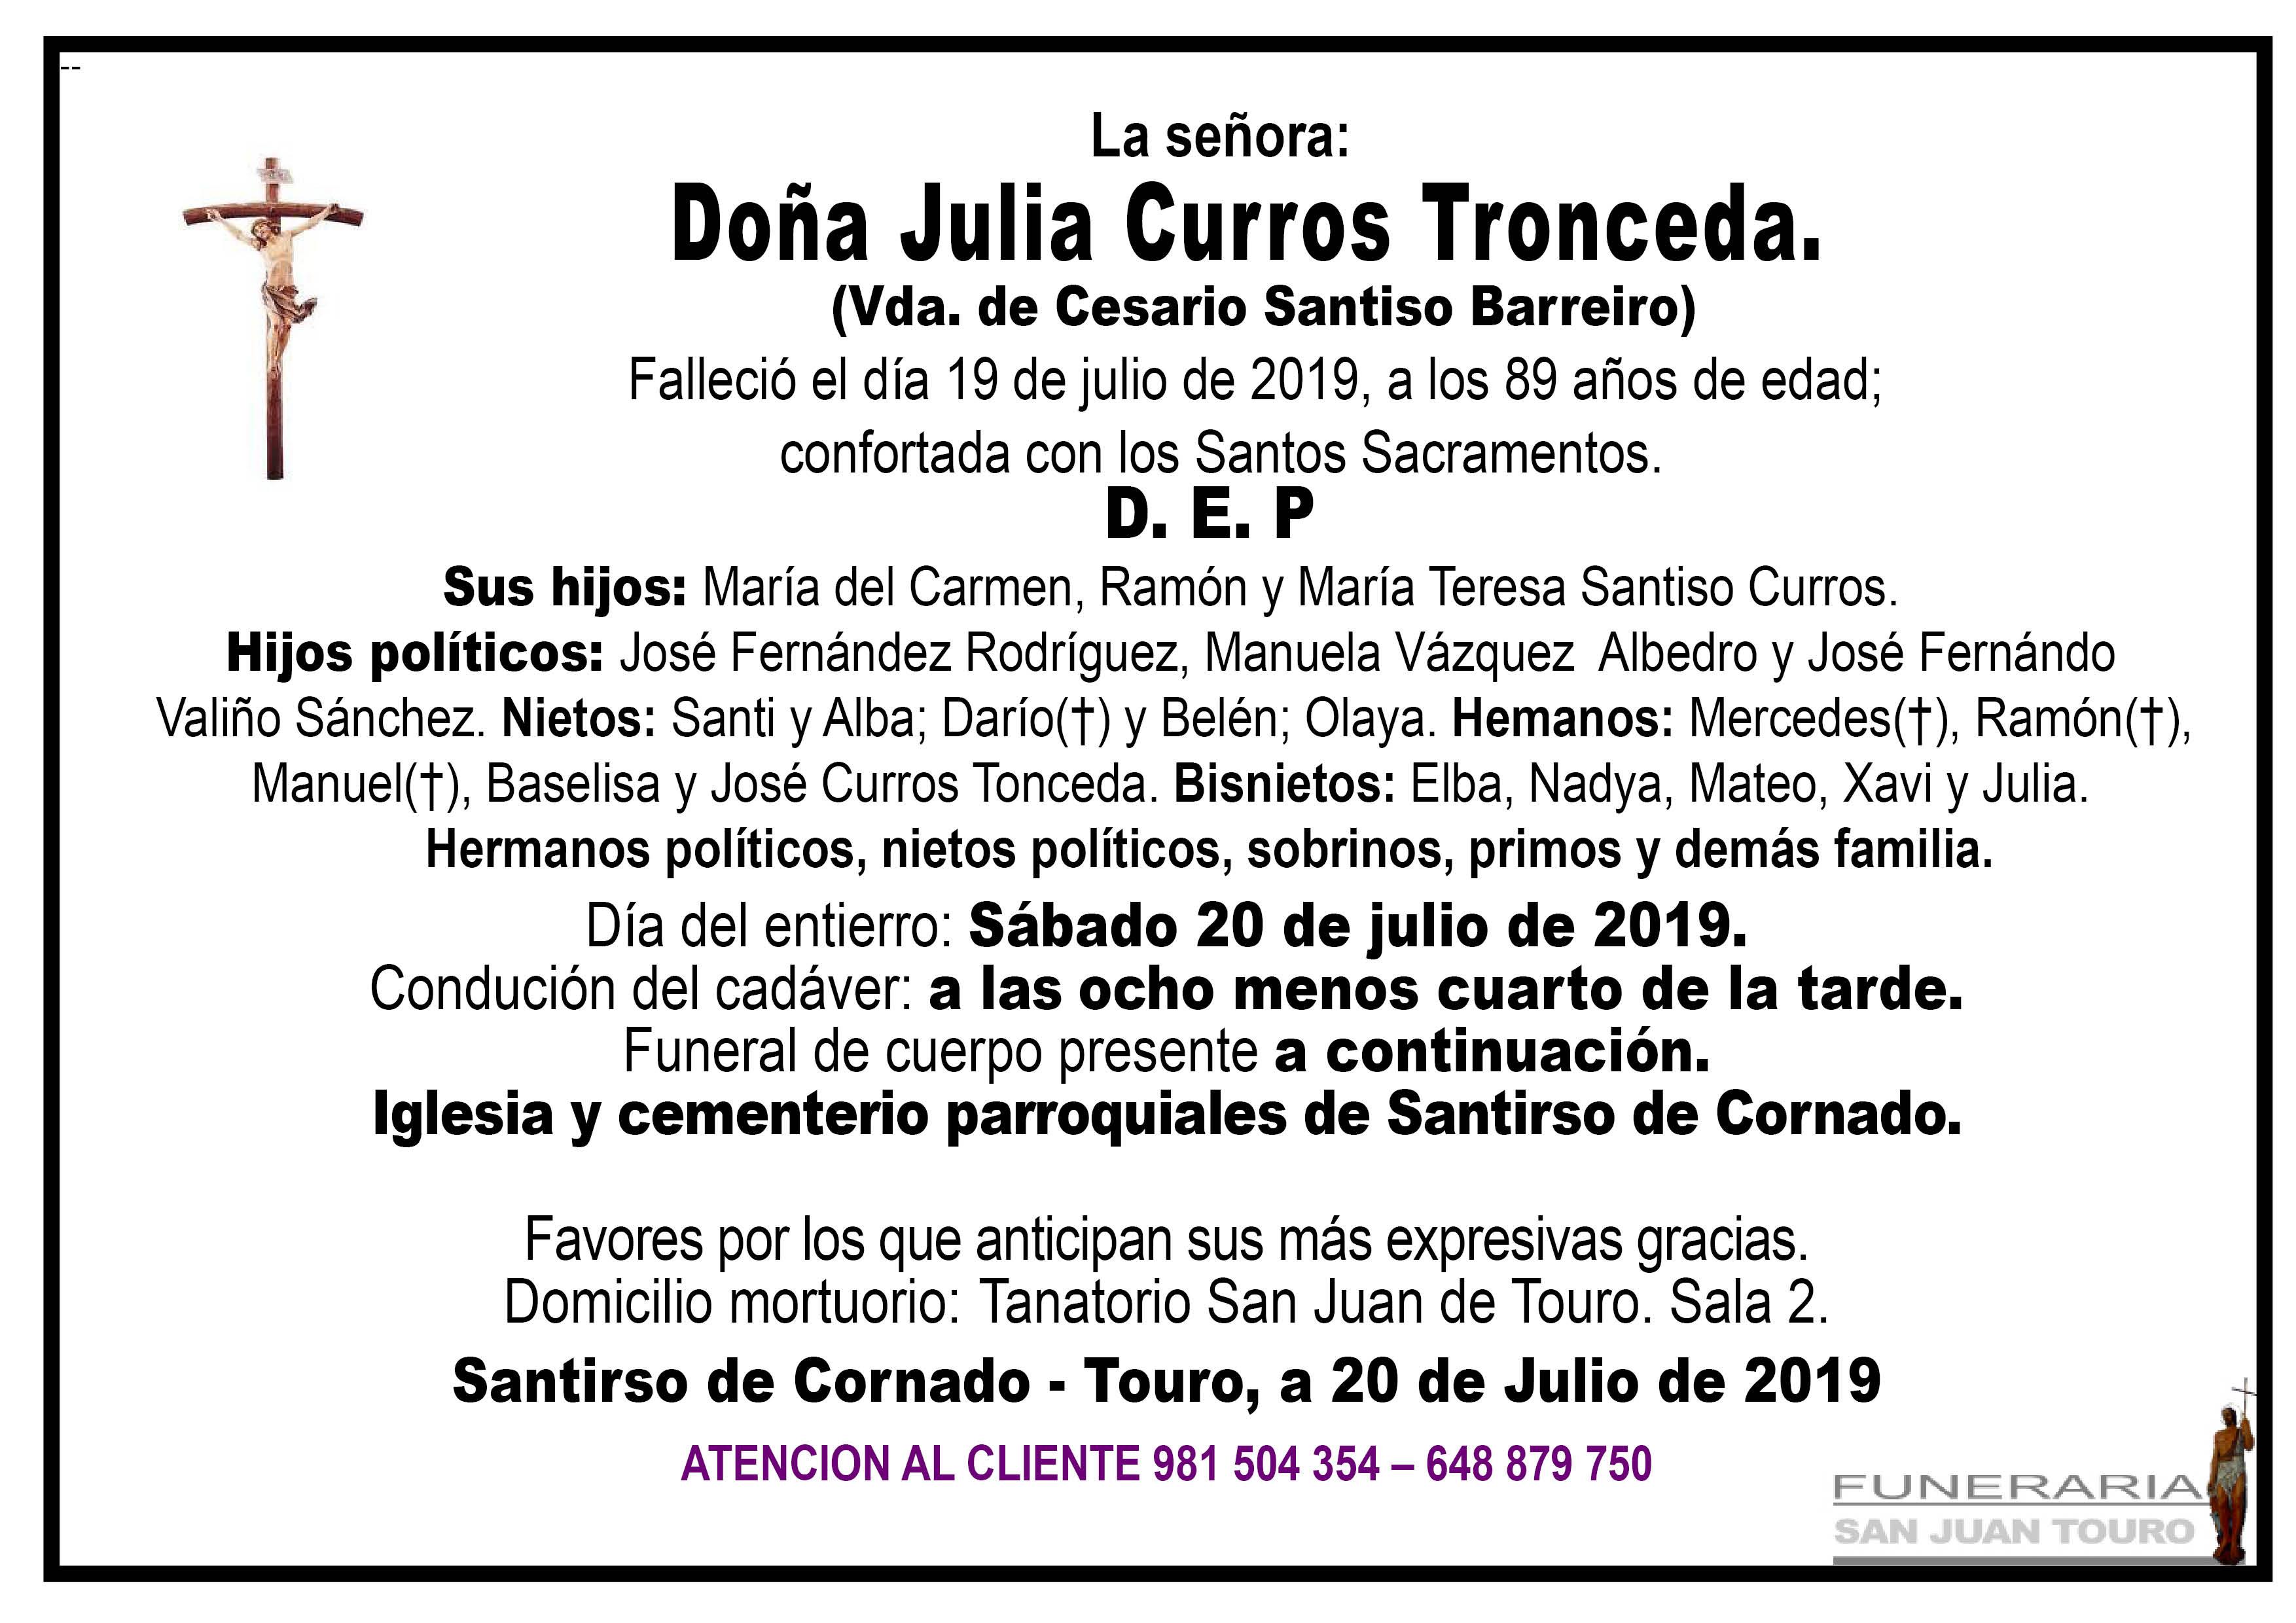 Esquela de SEPELIO DE DOÑA JULIA CURROS TRONCEDA